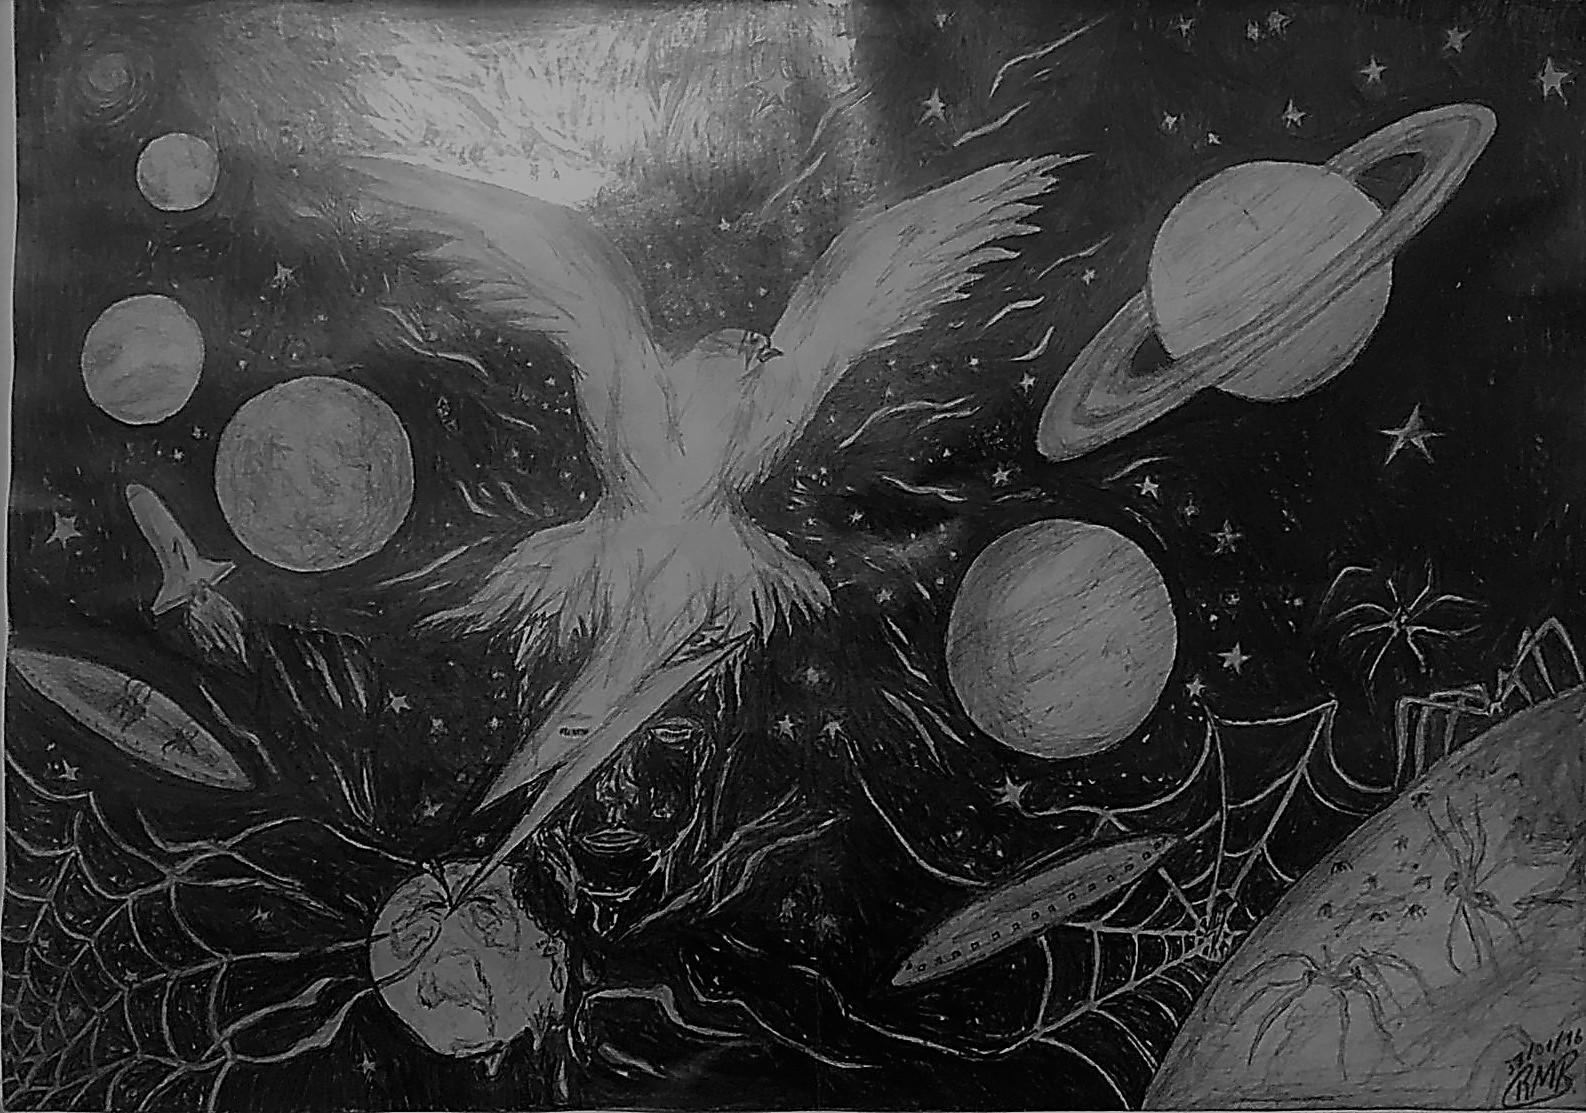 O infinito universo de Bowie - Folha A3 (2016) - Lápis 6b